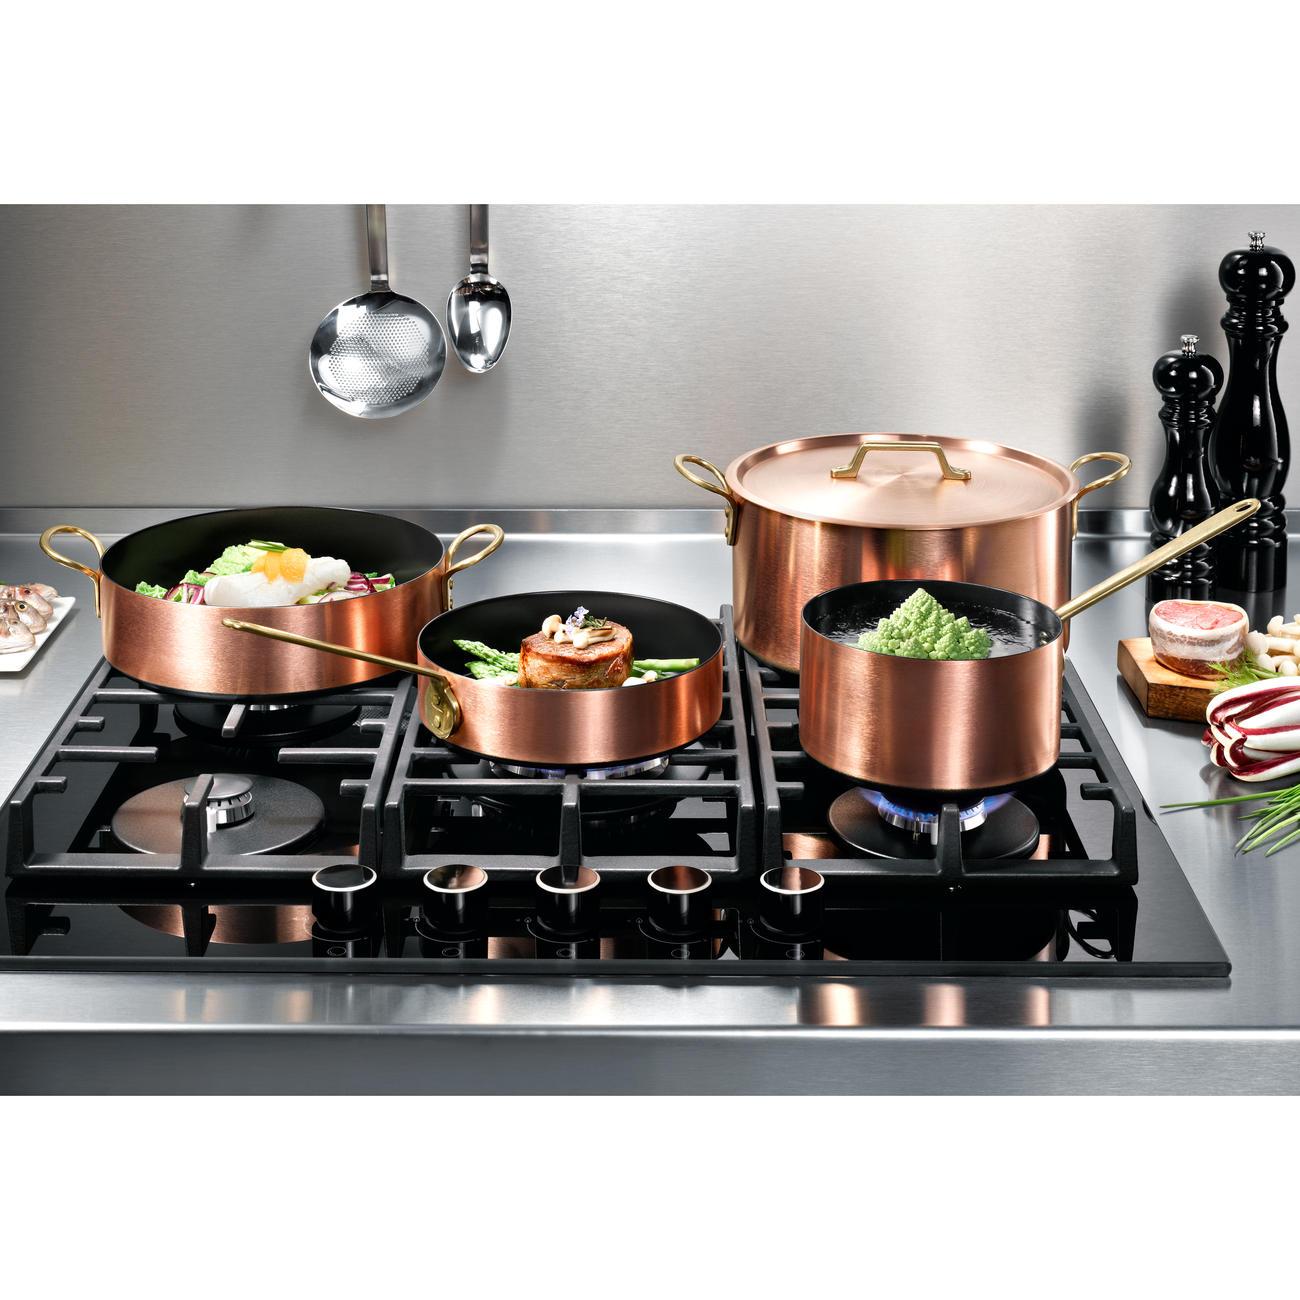 Acheter induction casseroles en cuivre en ligne pas cher - Batterie de cuisine induction pas cher ...